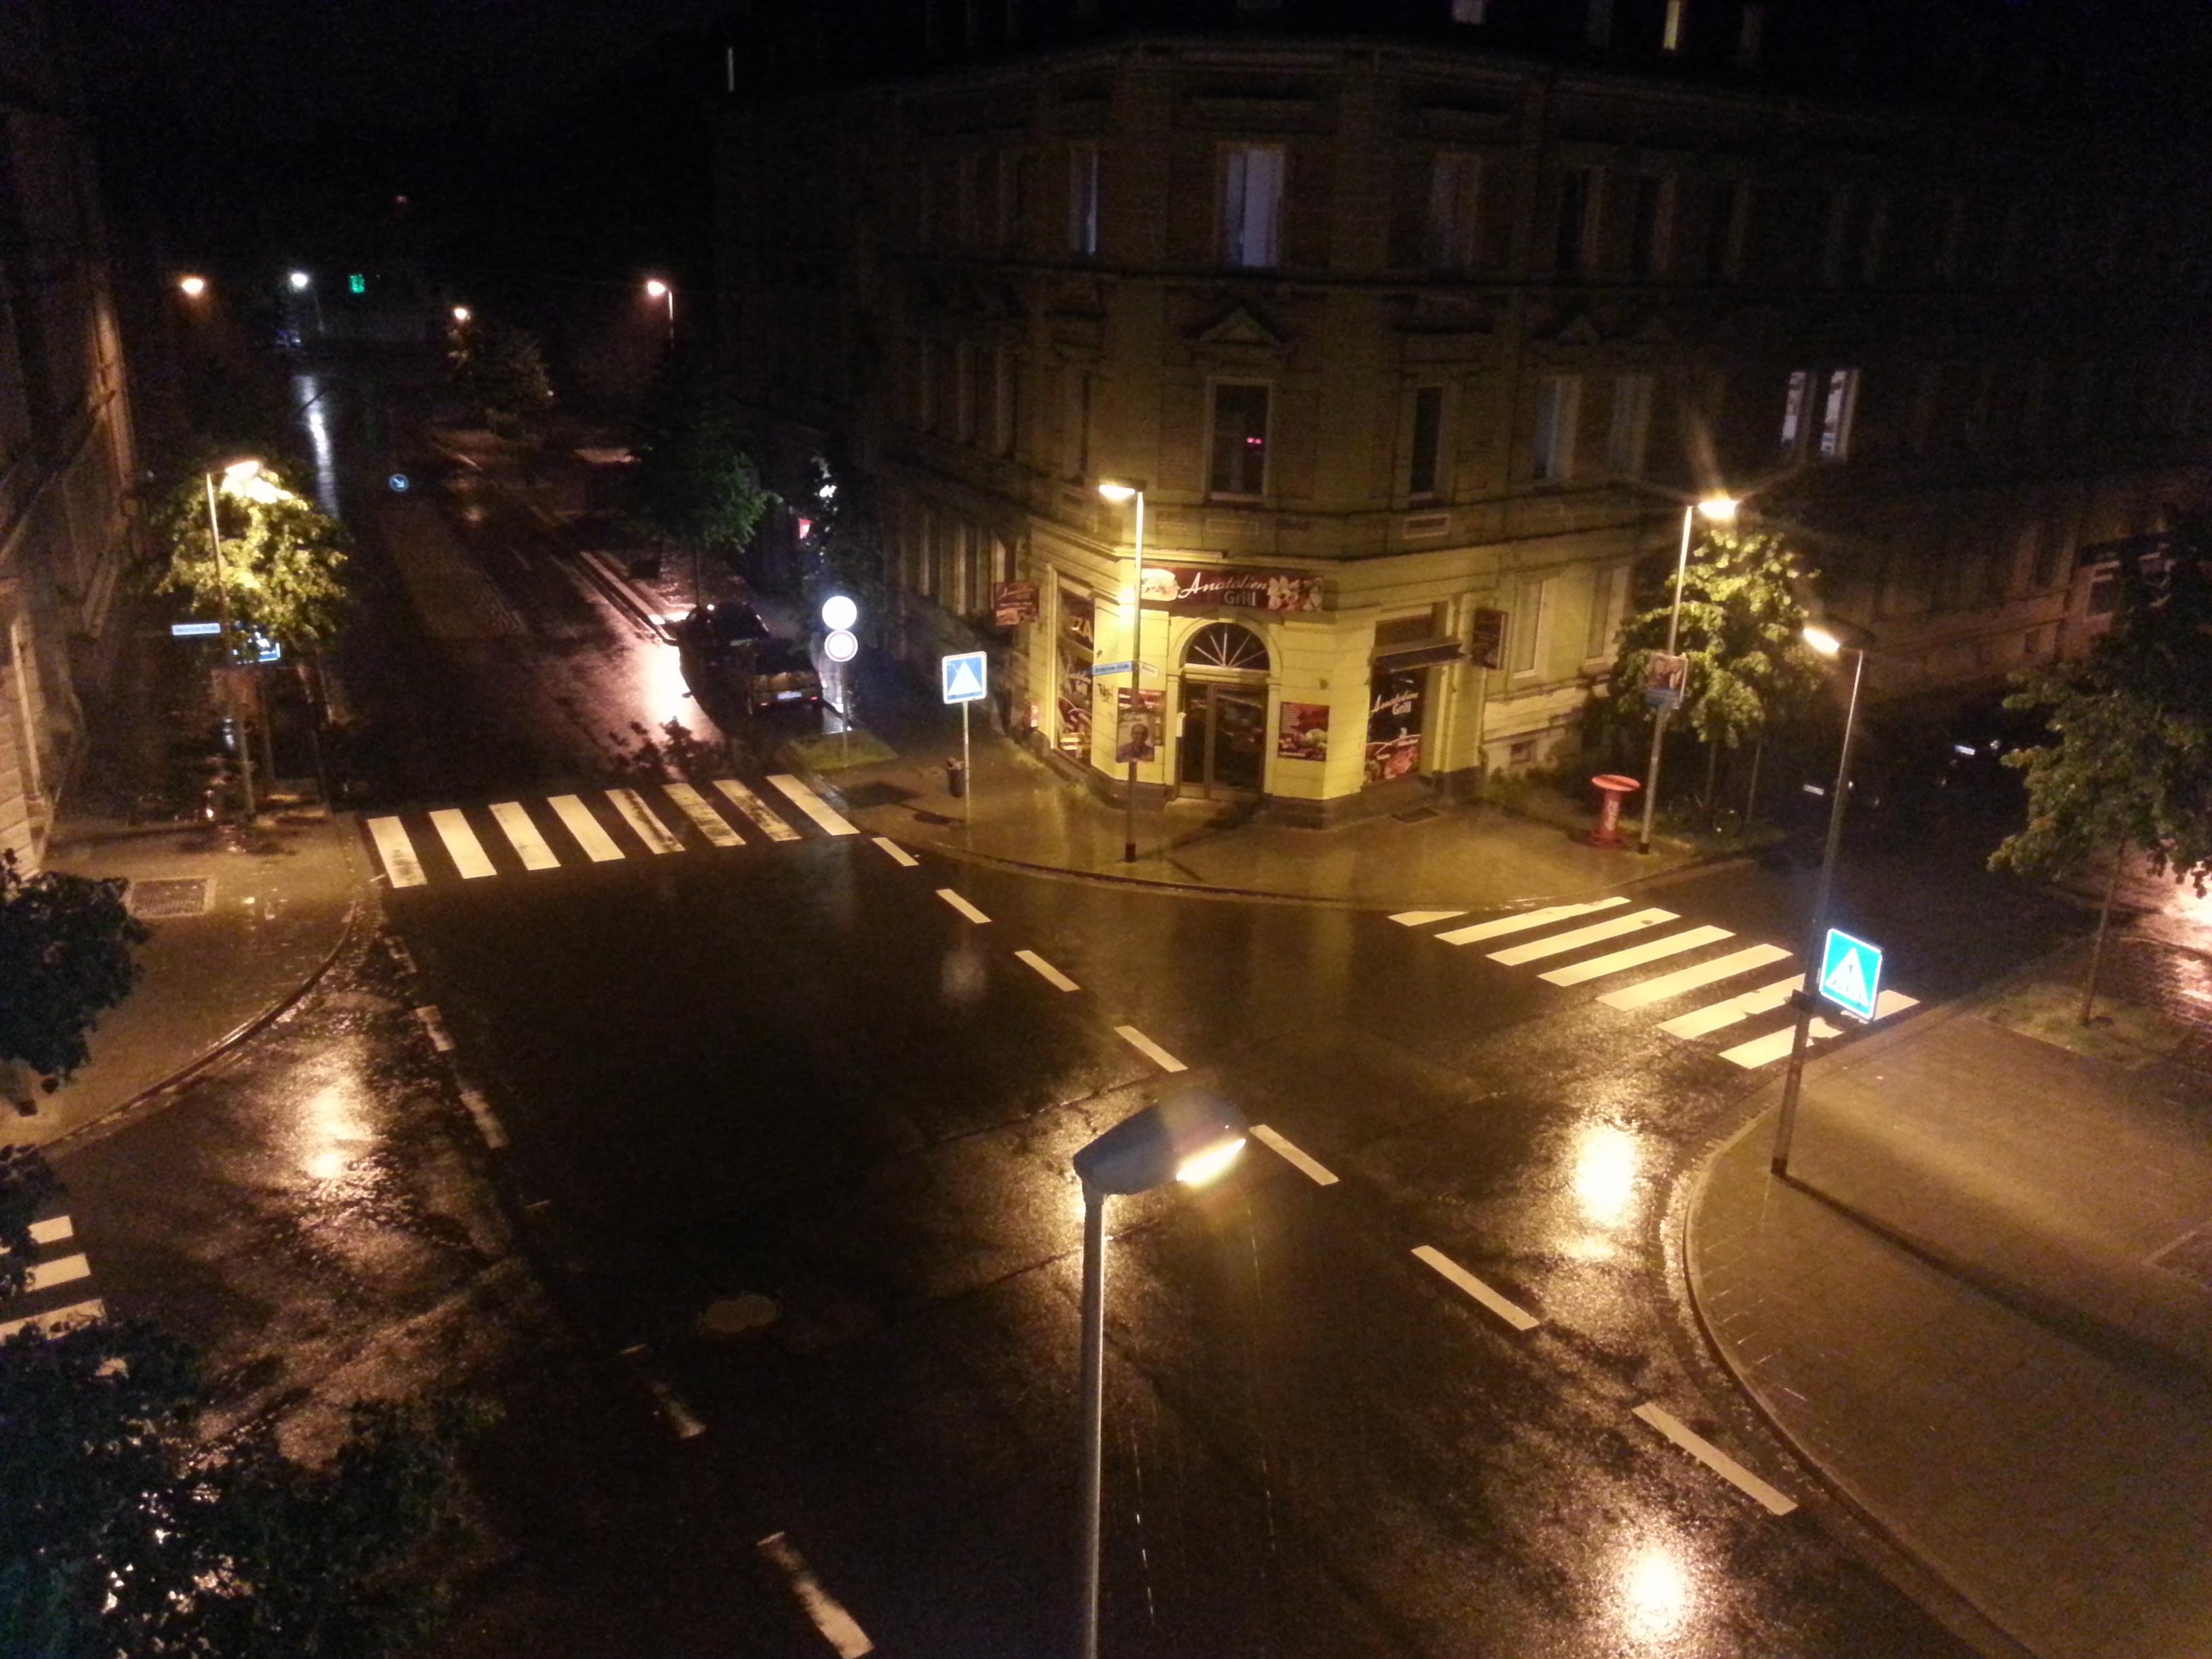 Braunschweig at night photo